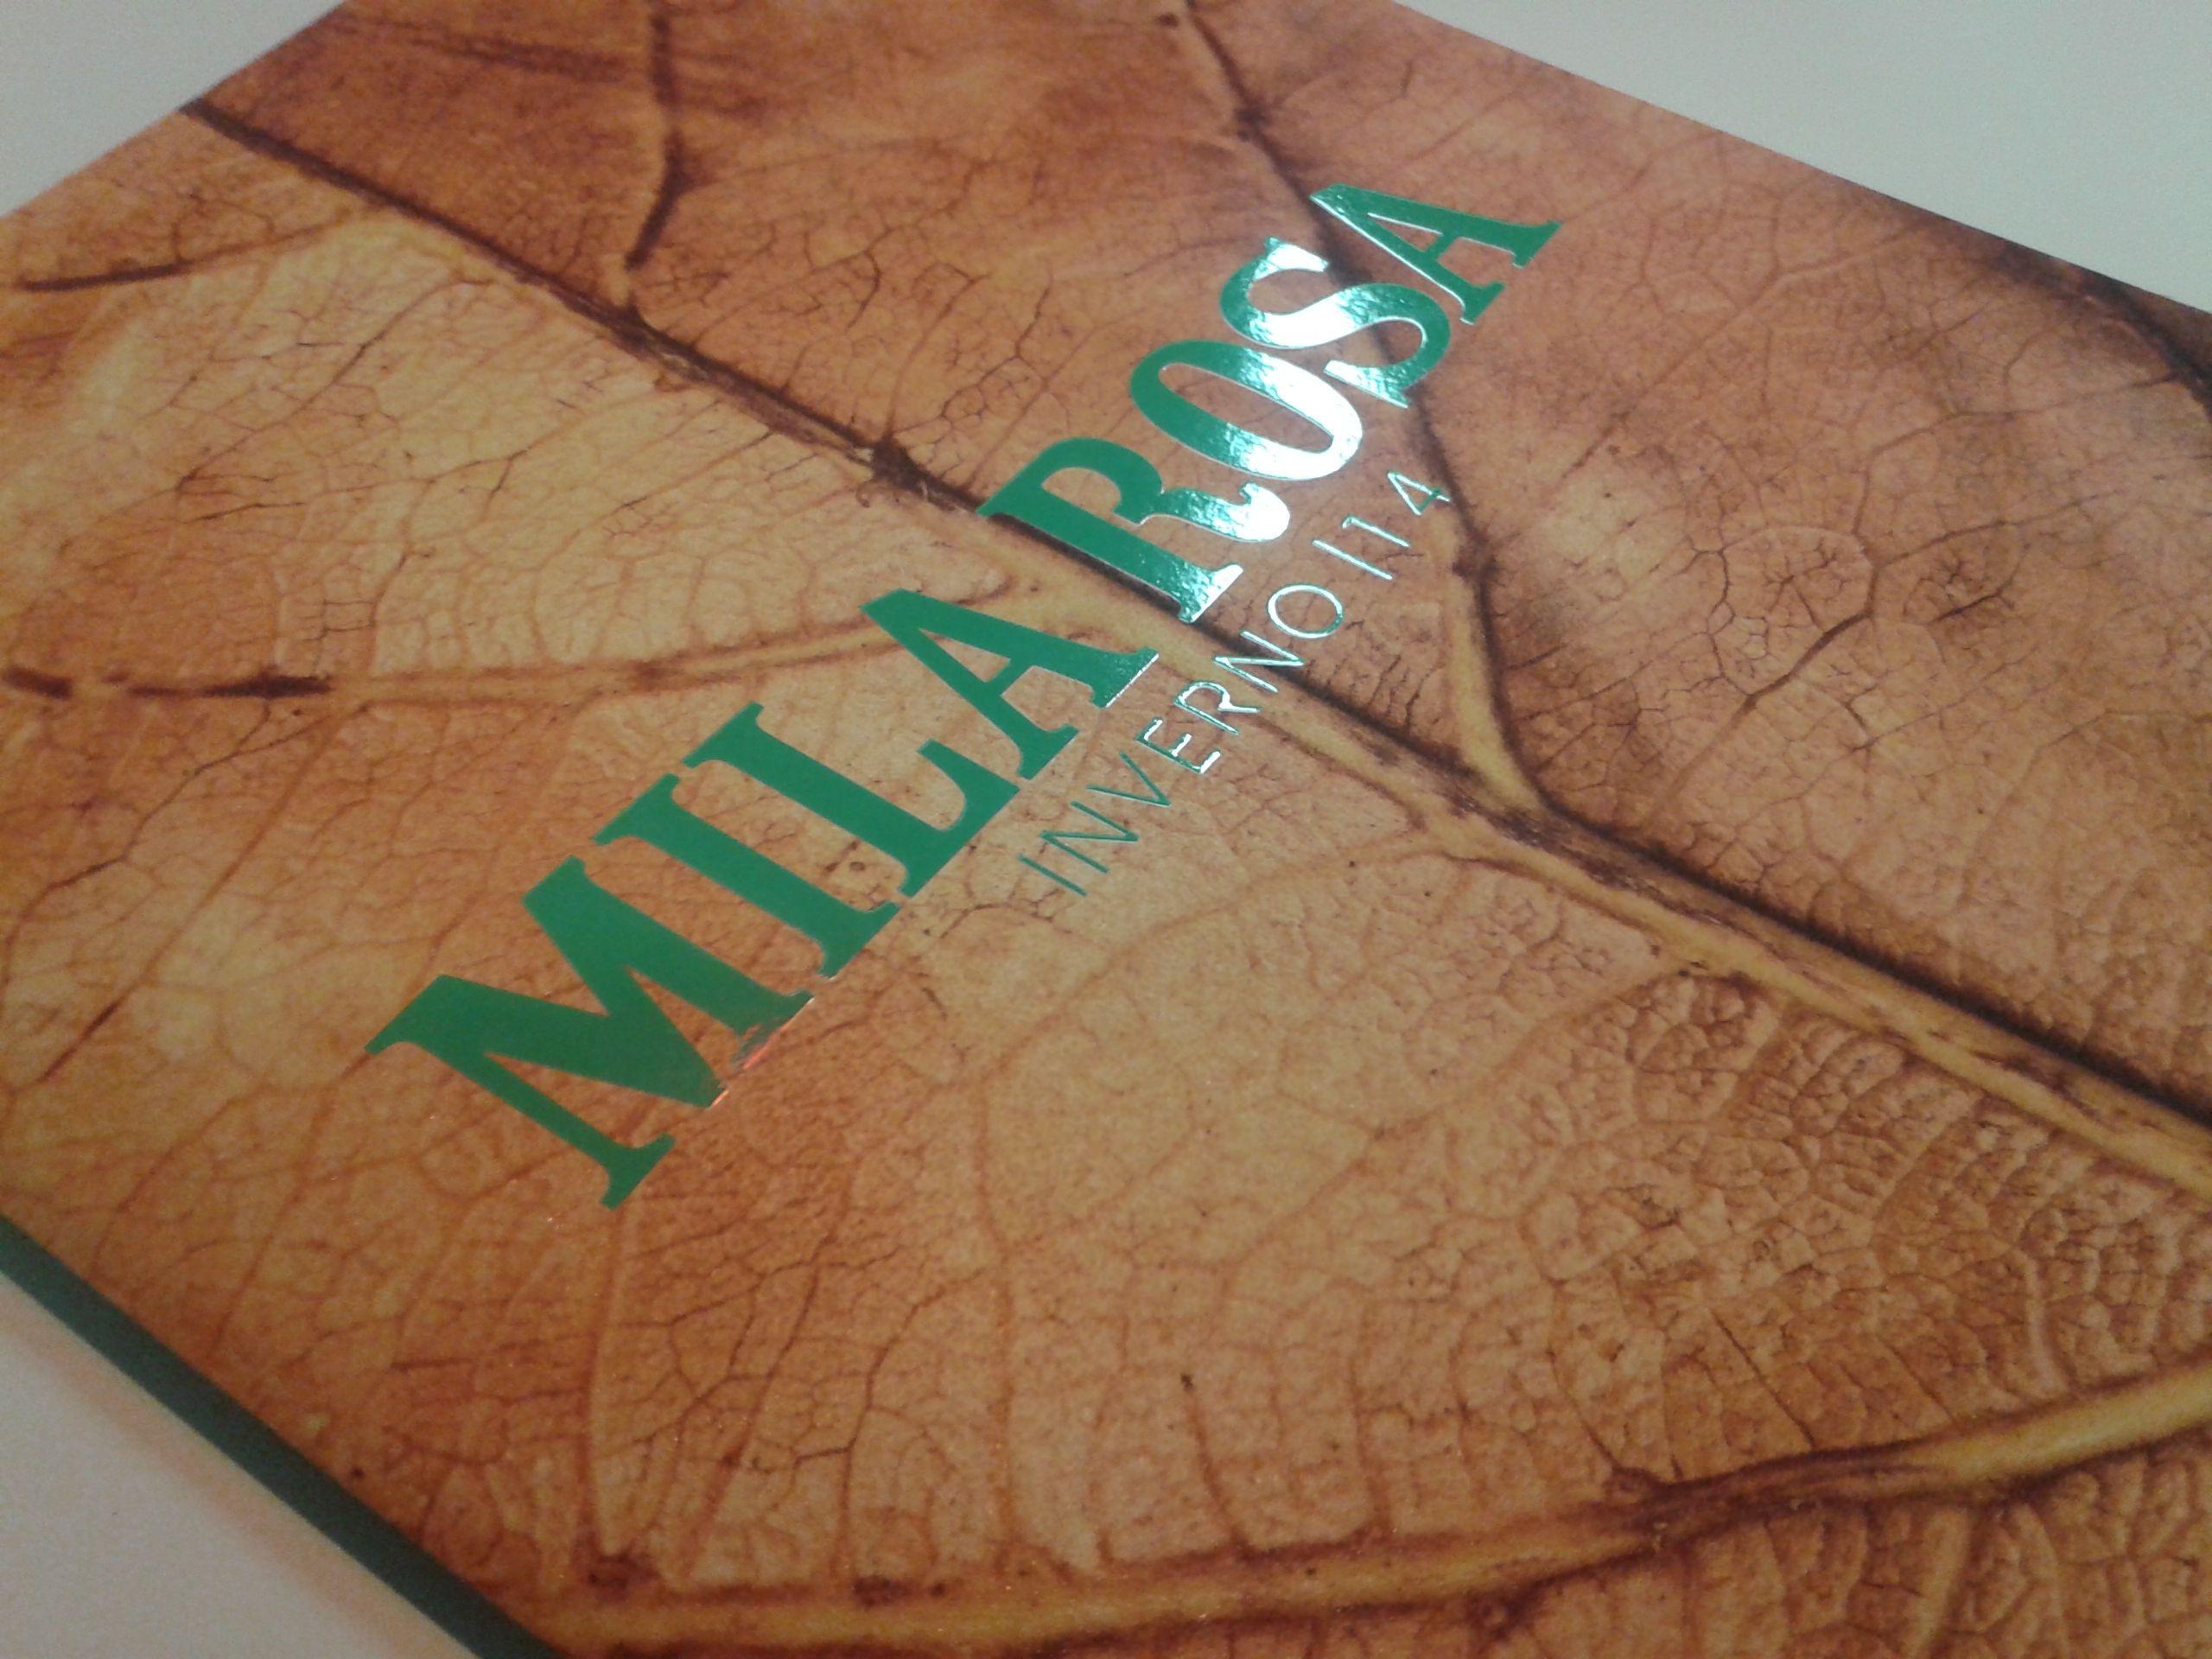 Verniz textura remetendo às folhas secas do inverno foi o diferencial da capa do catálogo da Mila Rosa (coleção inverno 2014). #catalogo #moda